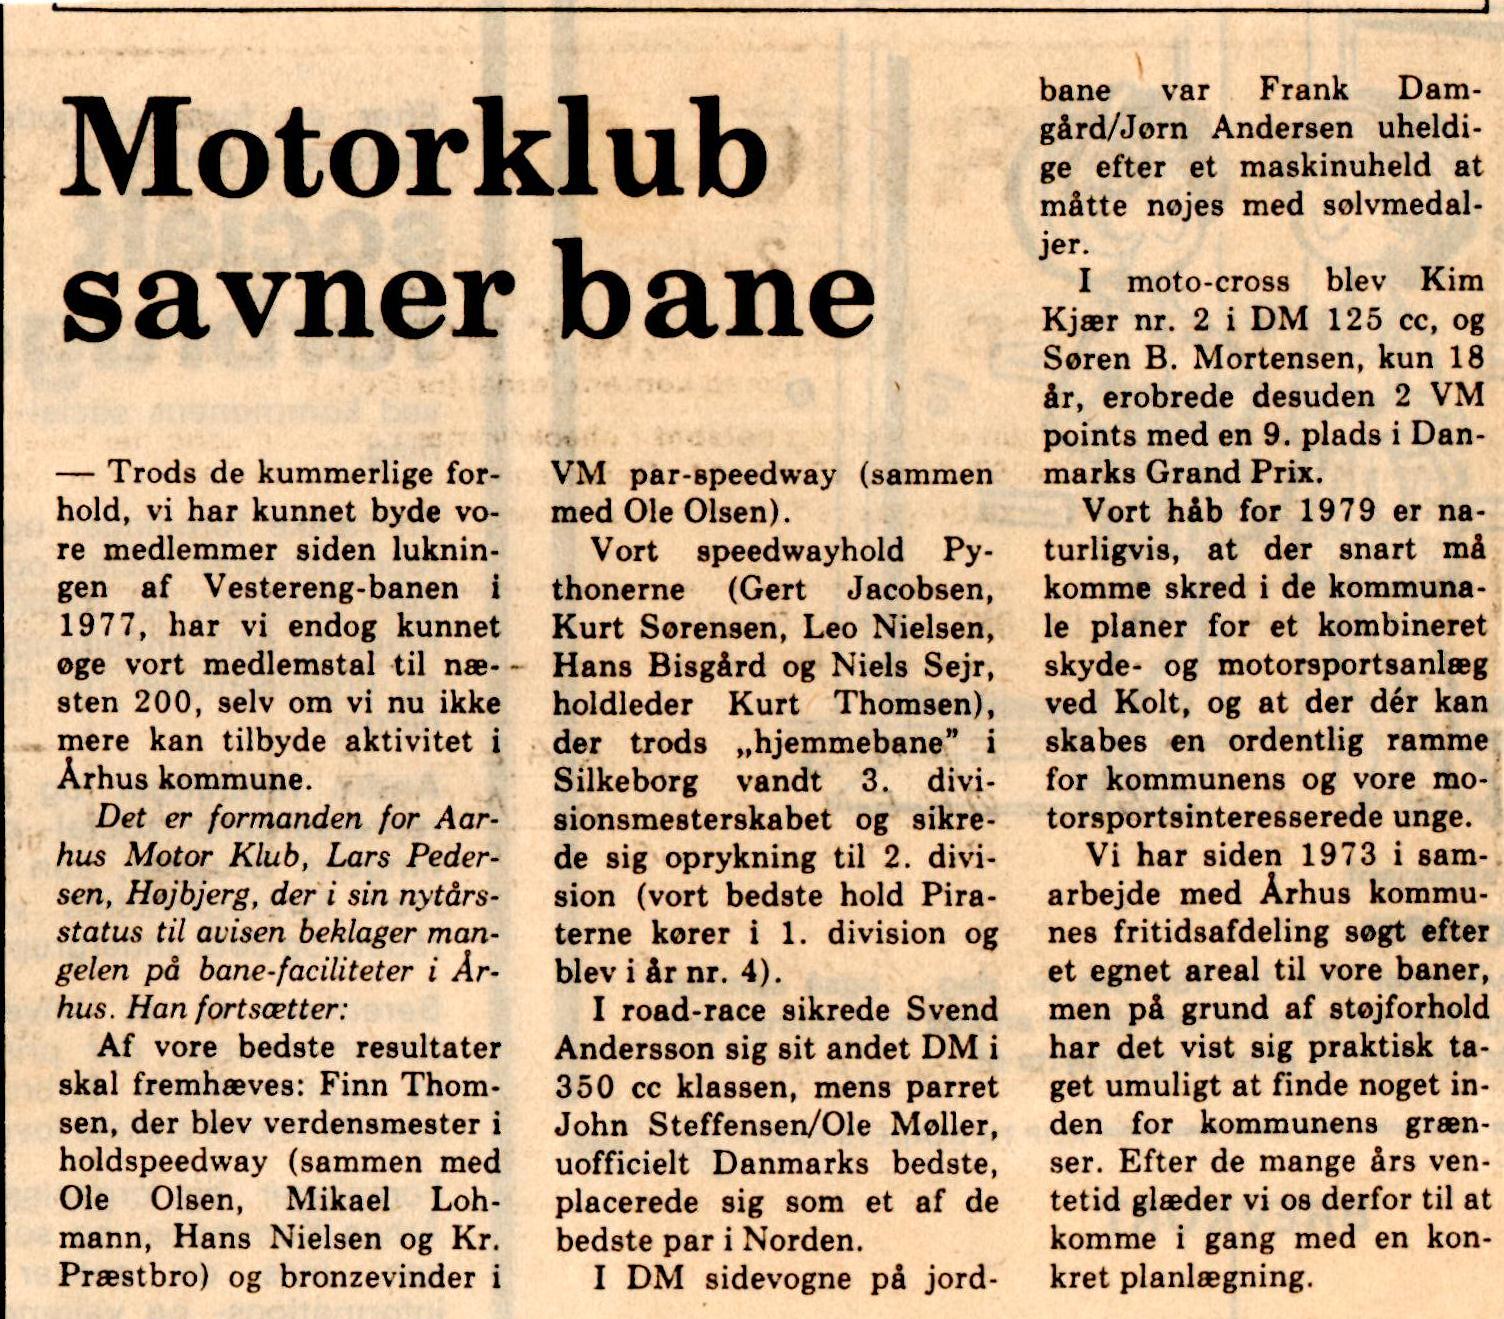 Avisklip Motorklub savner bane og Motorbaneplan 14-01-78